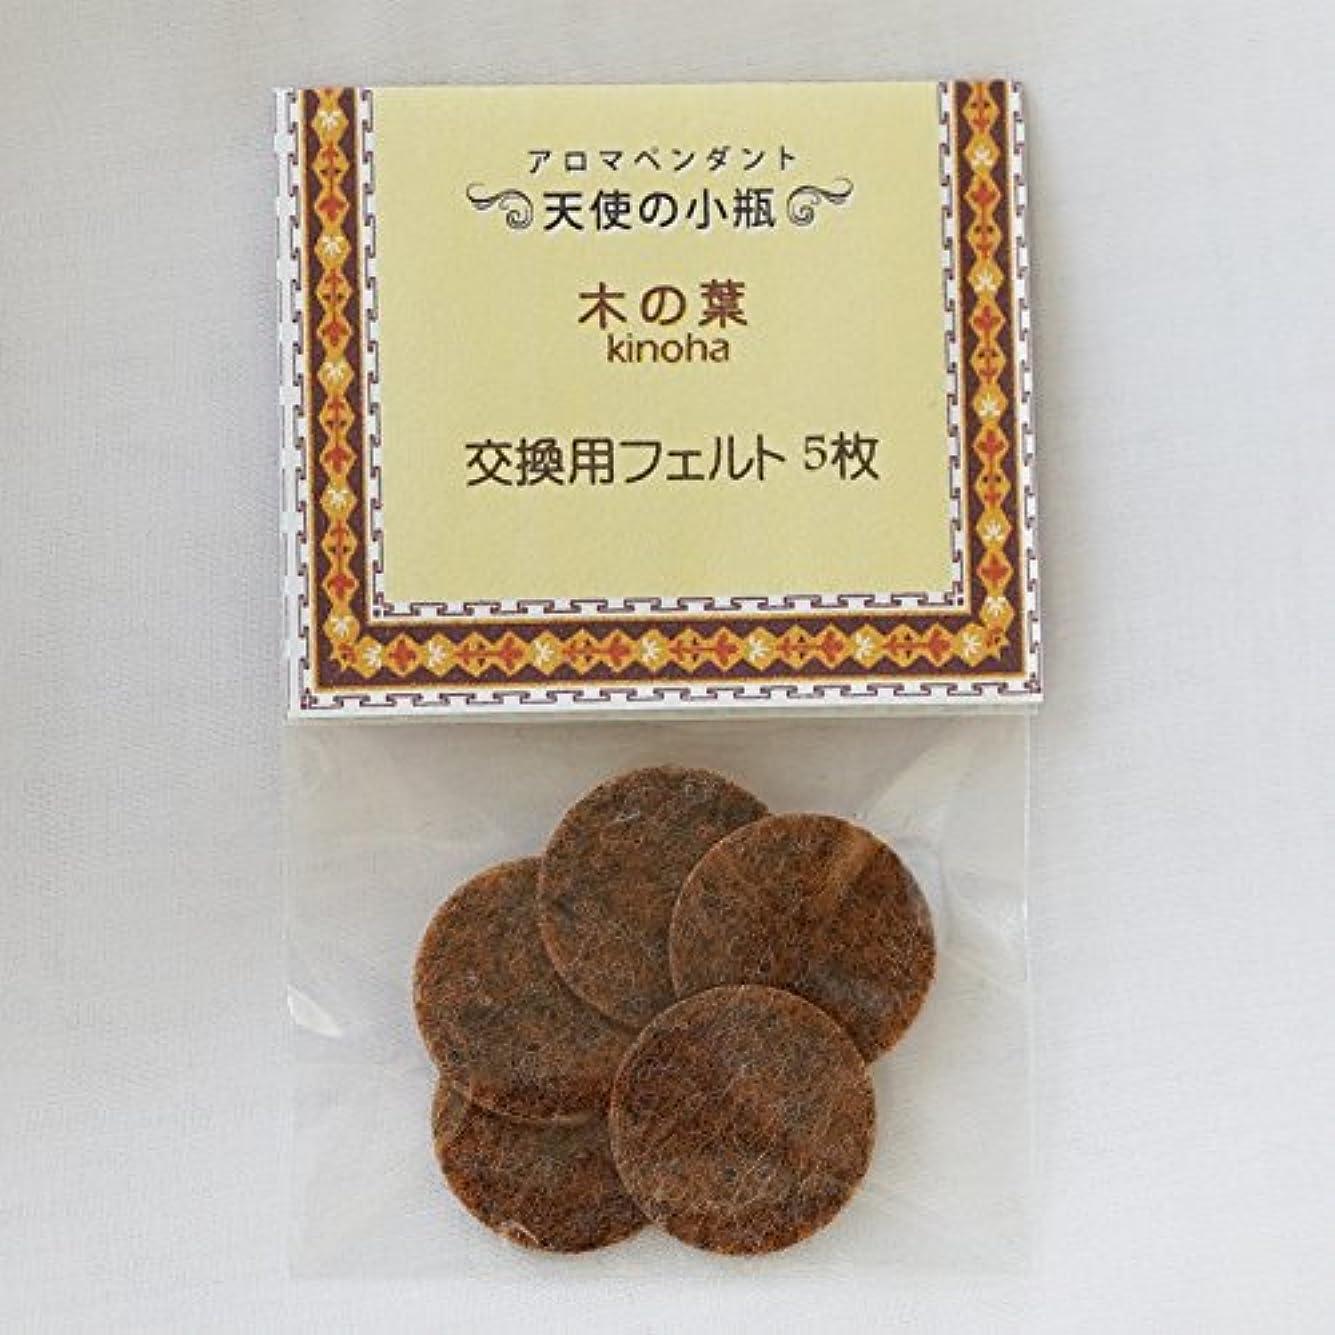 しみノートソーシャル【天使の小瓶】 木の葉(ゴールド)交換用フェルト5枚